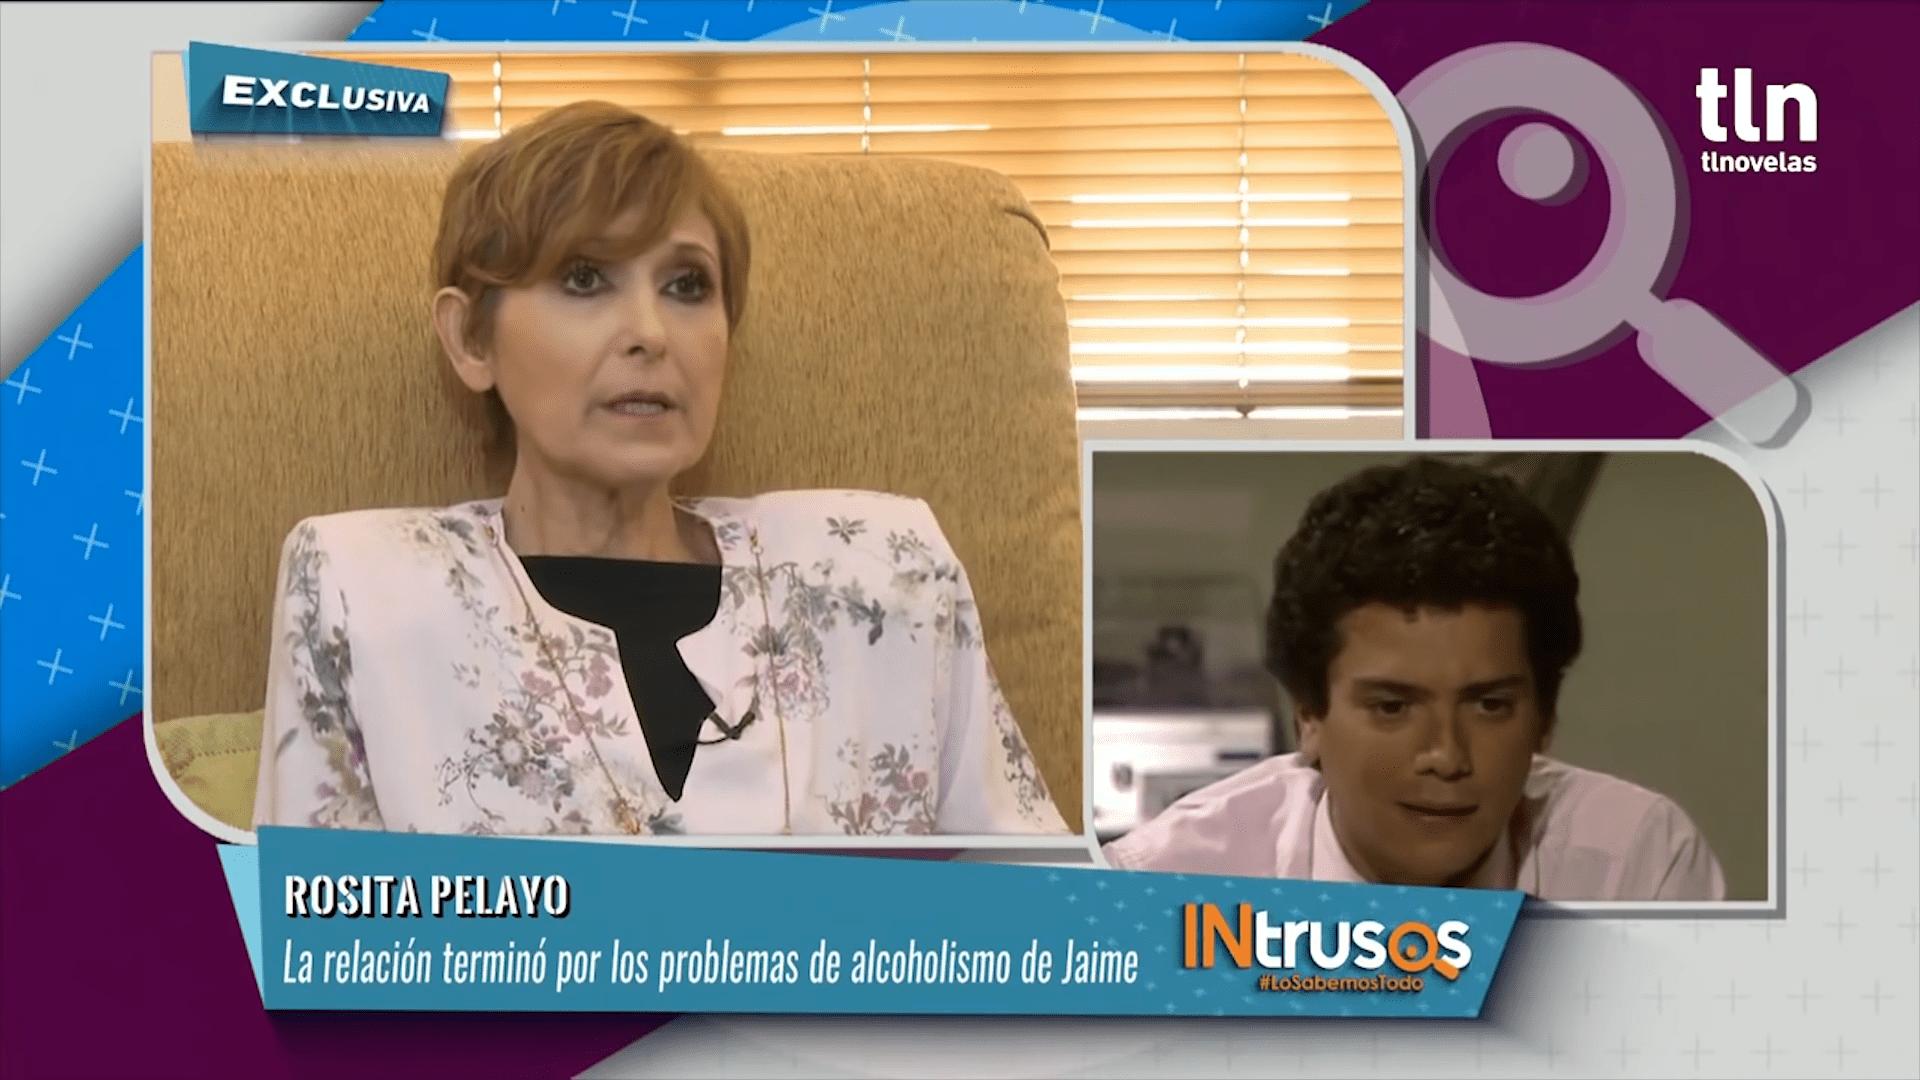 Rosita Pelayo hablando de su ex, Jaime Garza │Imagen tomada de: INtrusos